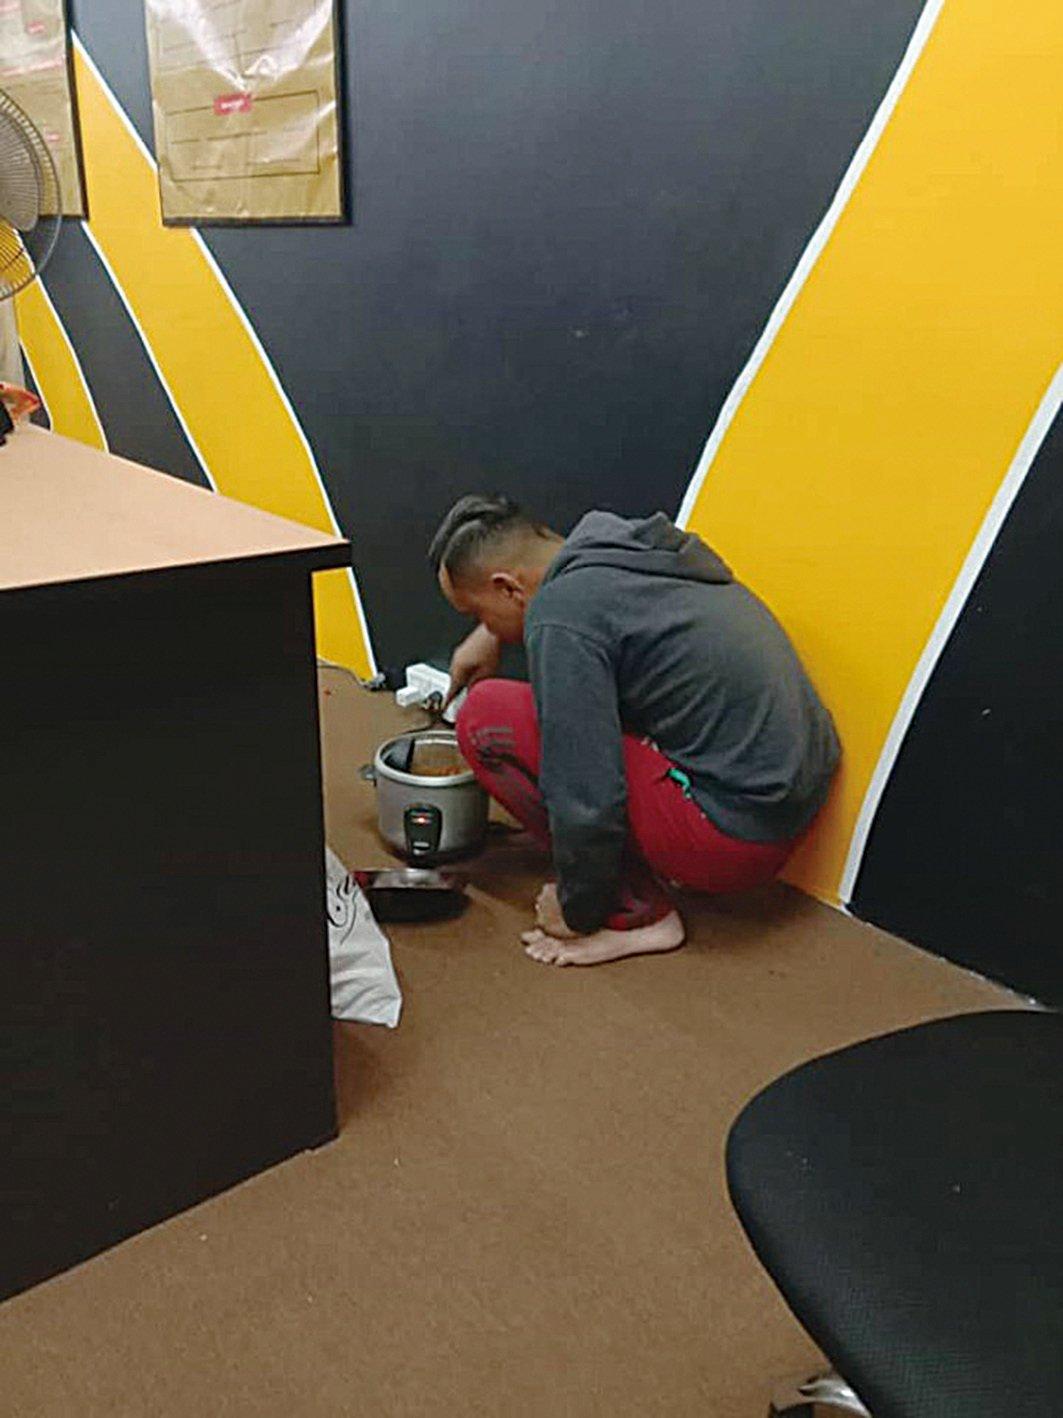 19歲的員工在公司偷偷煮飯吃,馬來西亞老闆沃爾特看到了,不但沒生氣還請他吃飯。(Azri Walter Facebook)